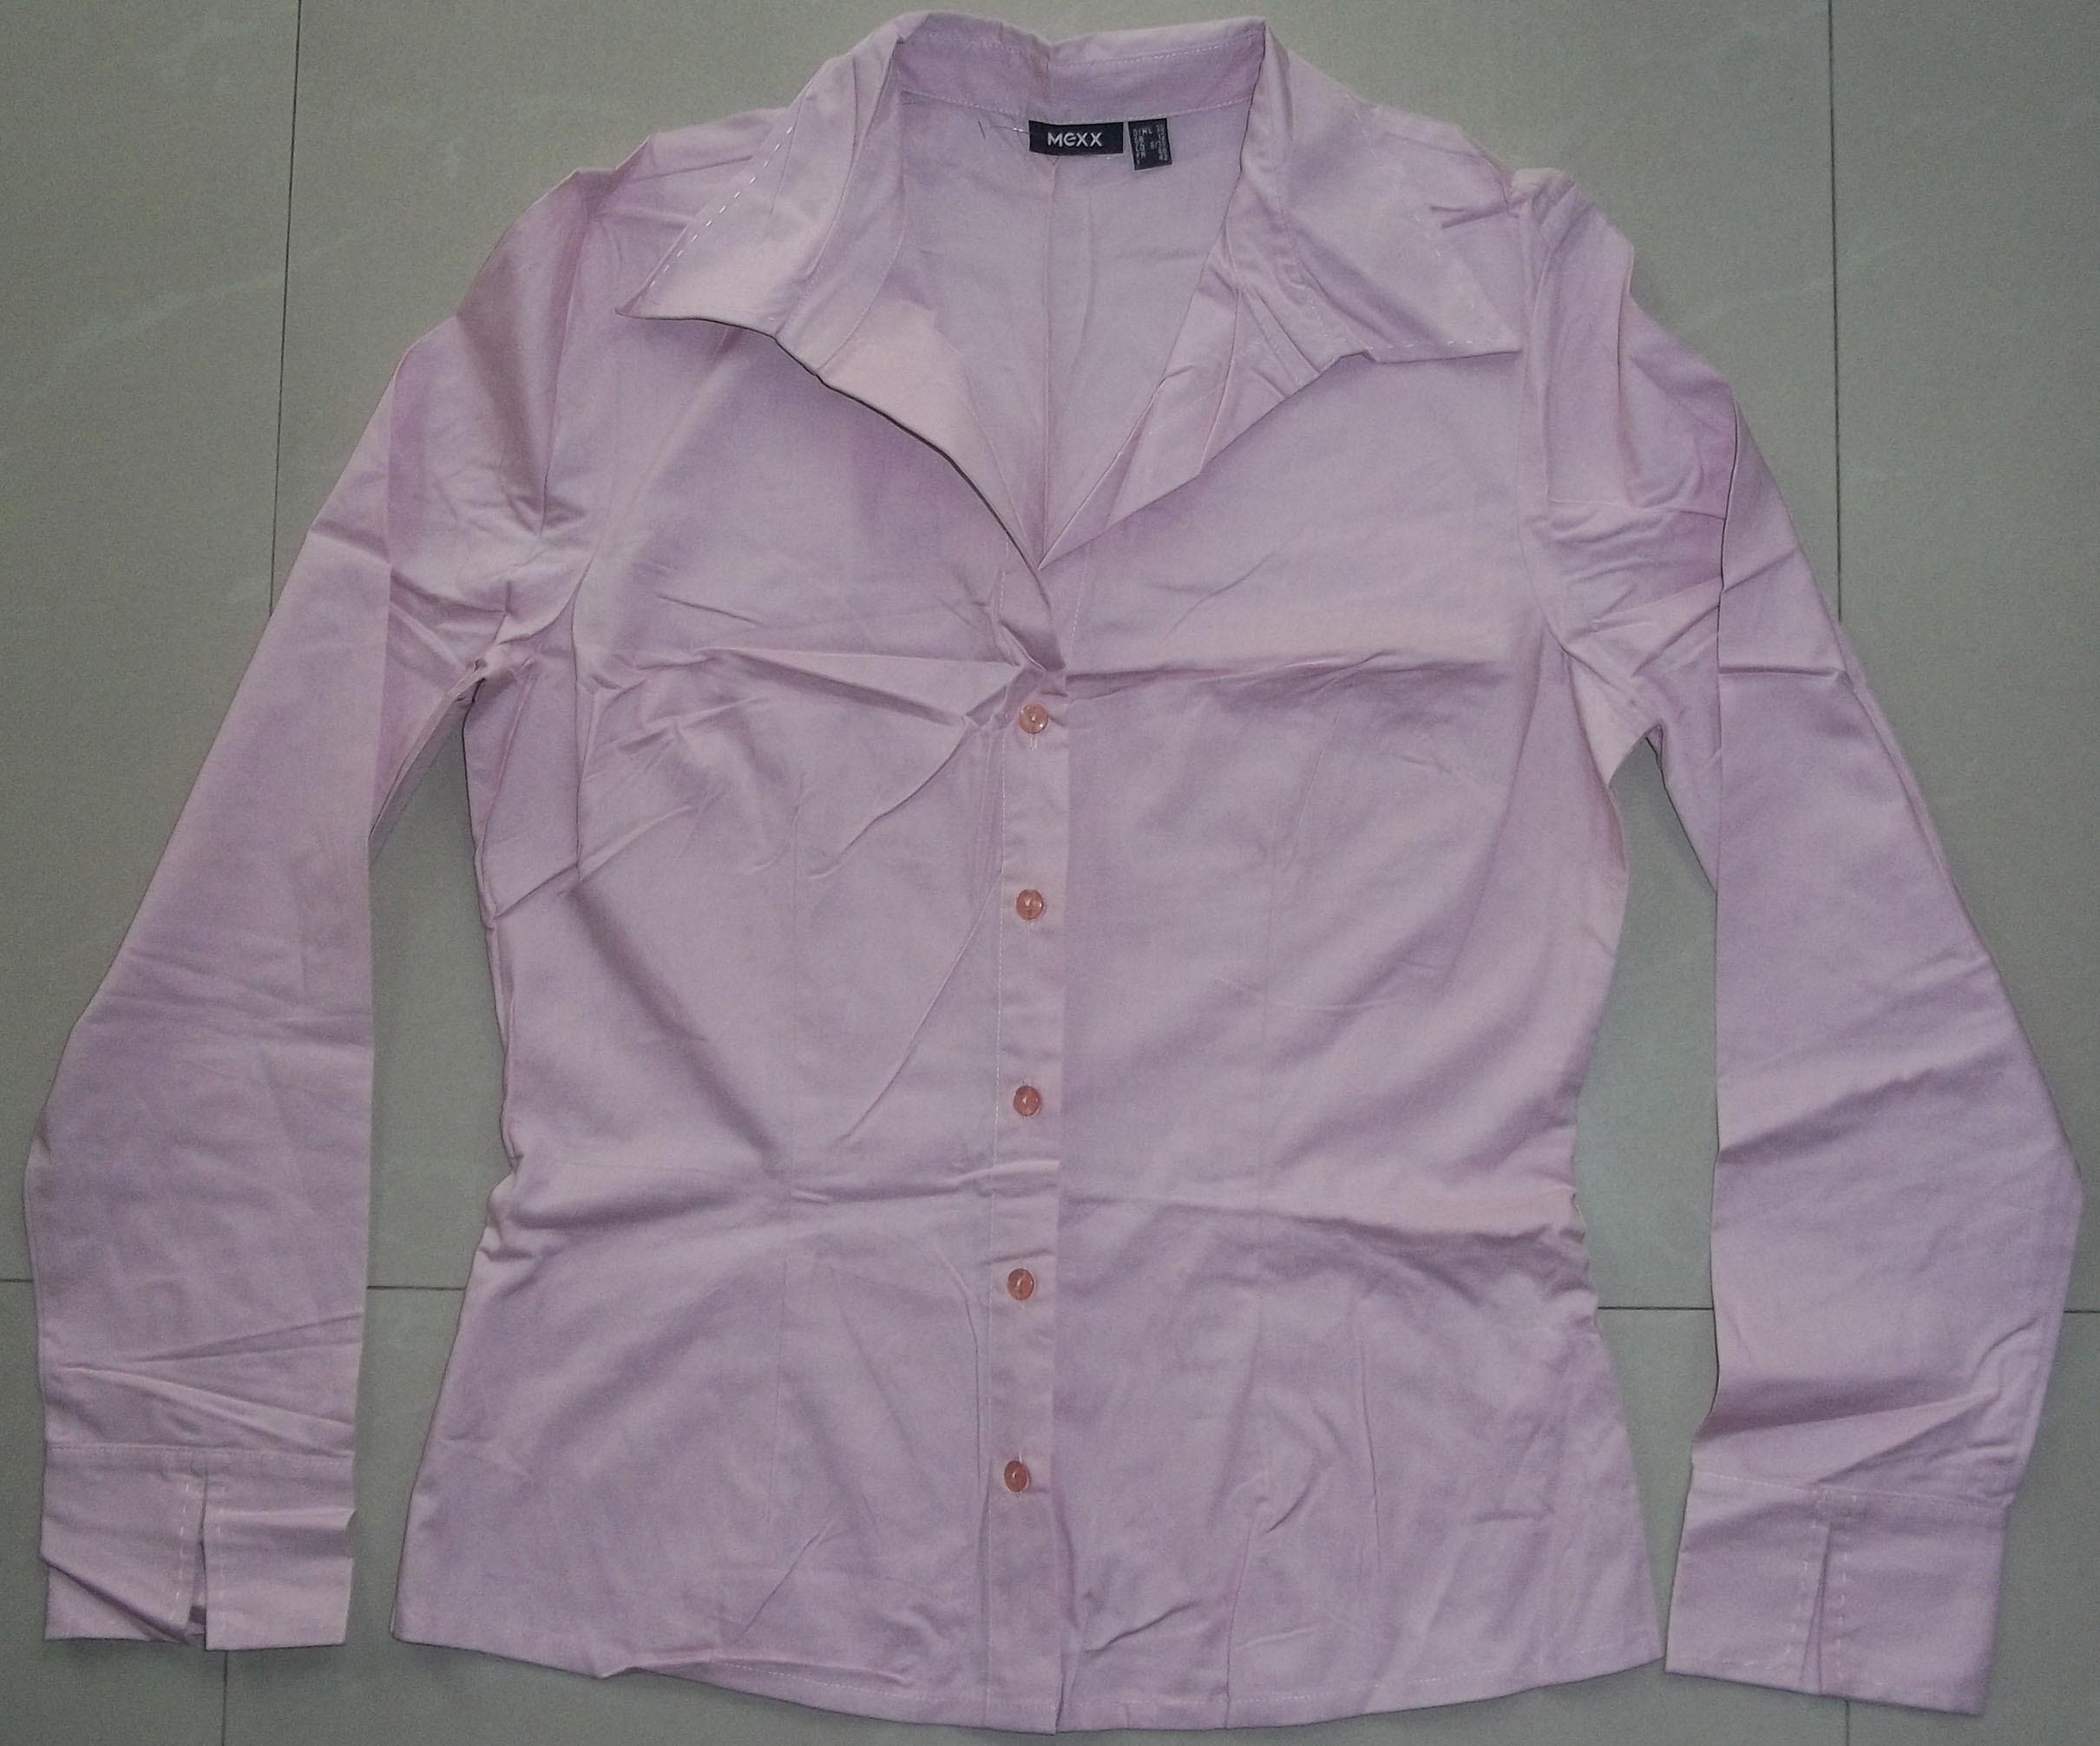 женская рубашка Mexx 100_1702 38 Городской стиль Длинный рукав Однотонный цвет